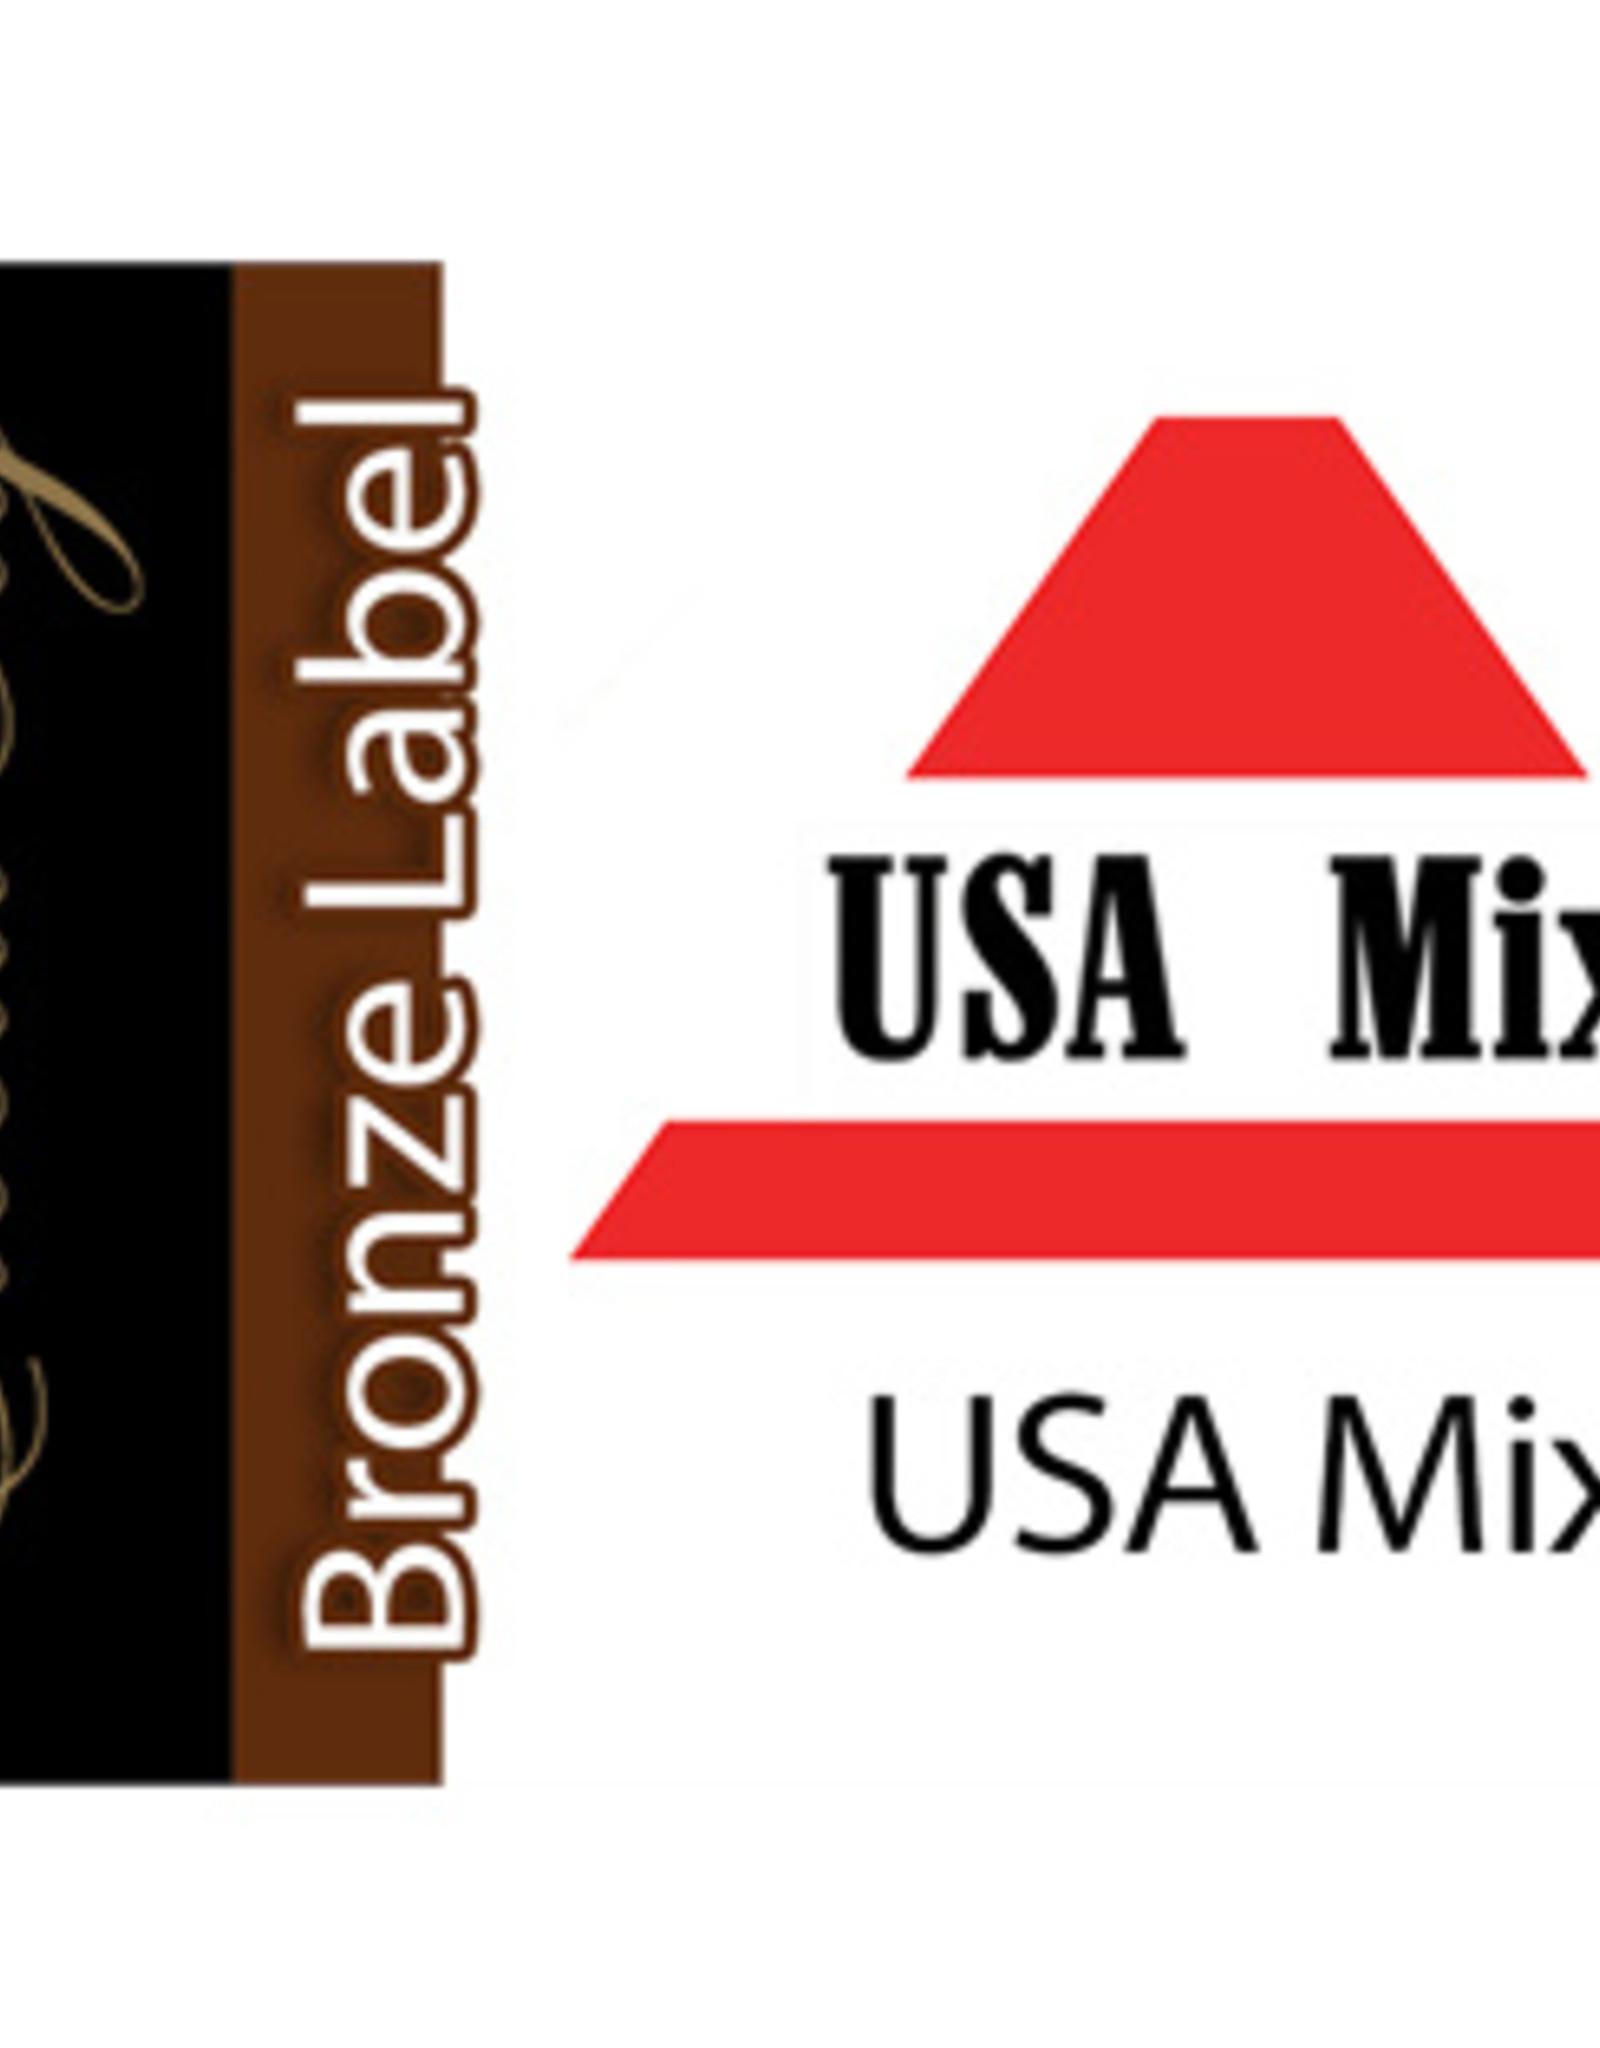 Exclucig Exclucig Bronze Label E-liquid USA Mix 6 mg Nicotine